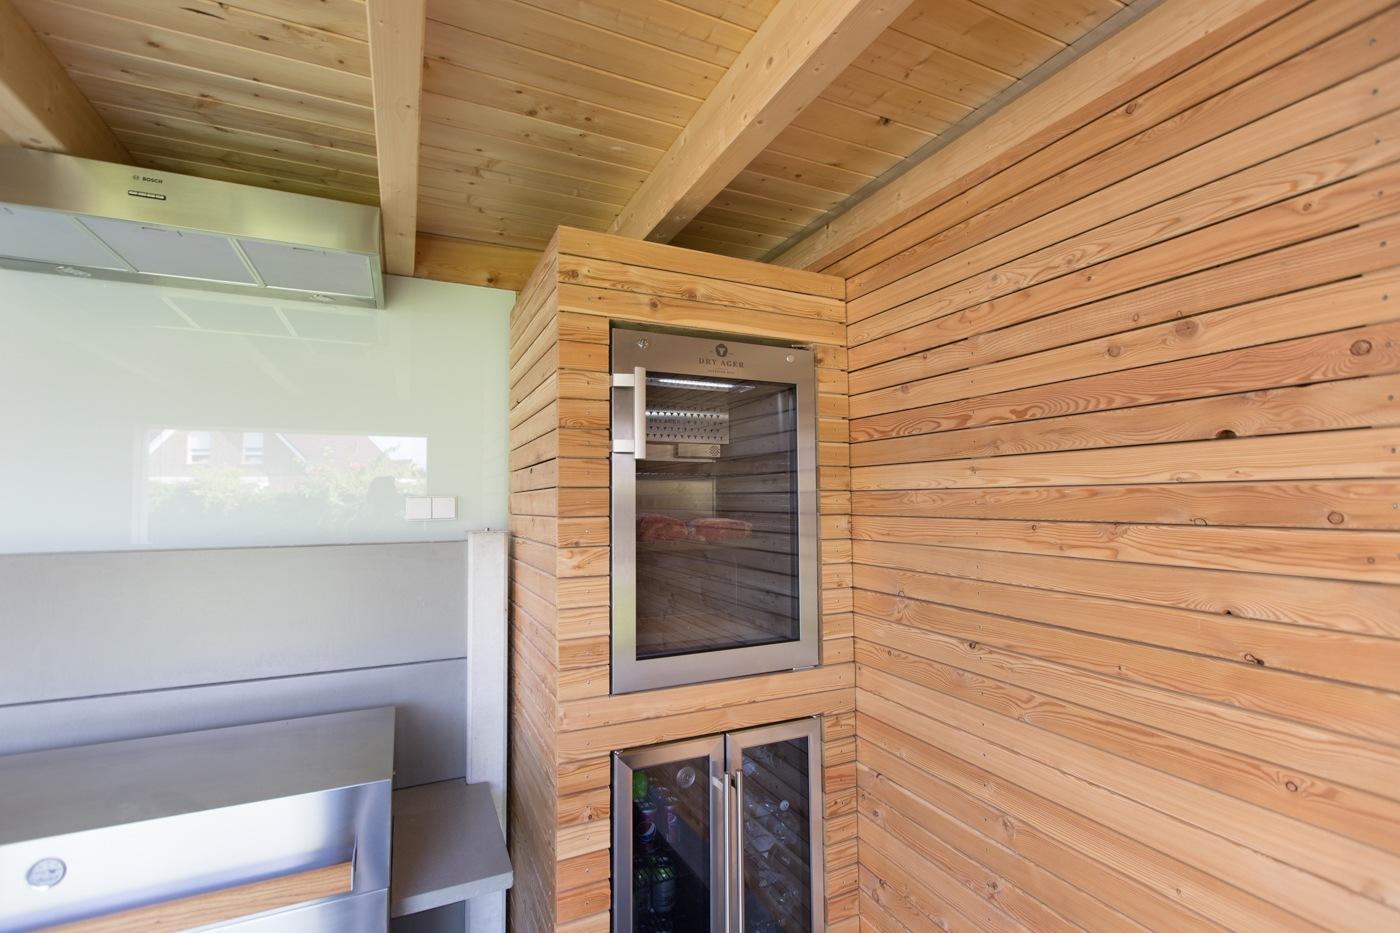 Outdoor Küche Lärche : Outdoorküchen systeme für den außenbereich